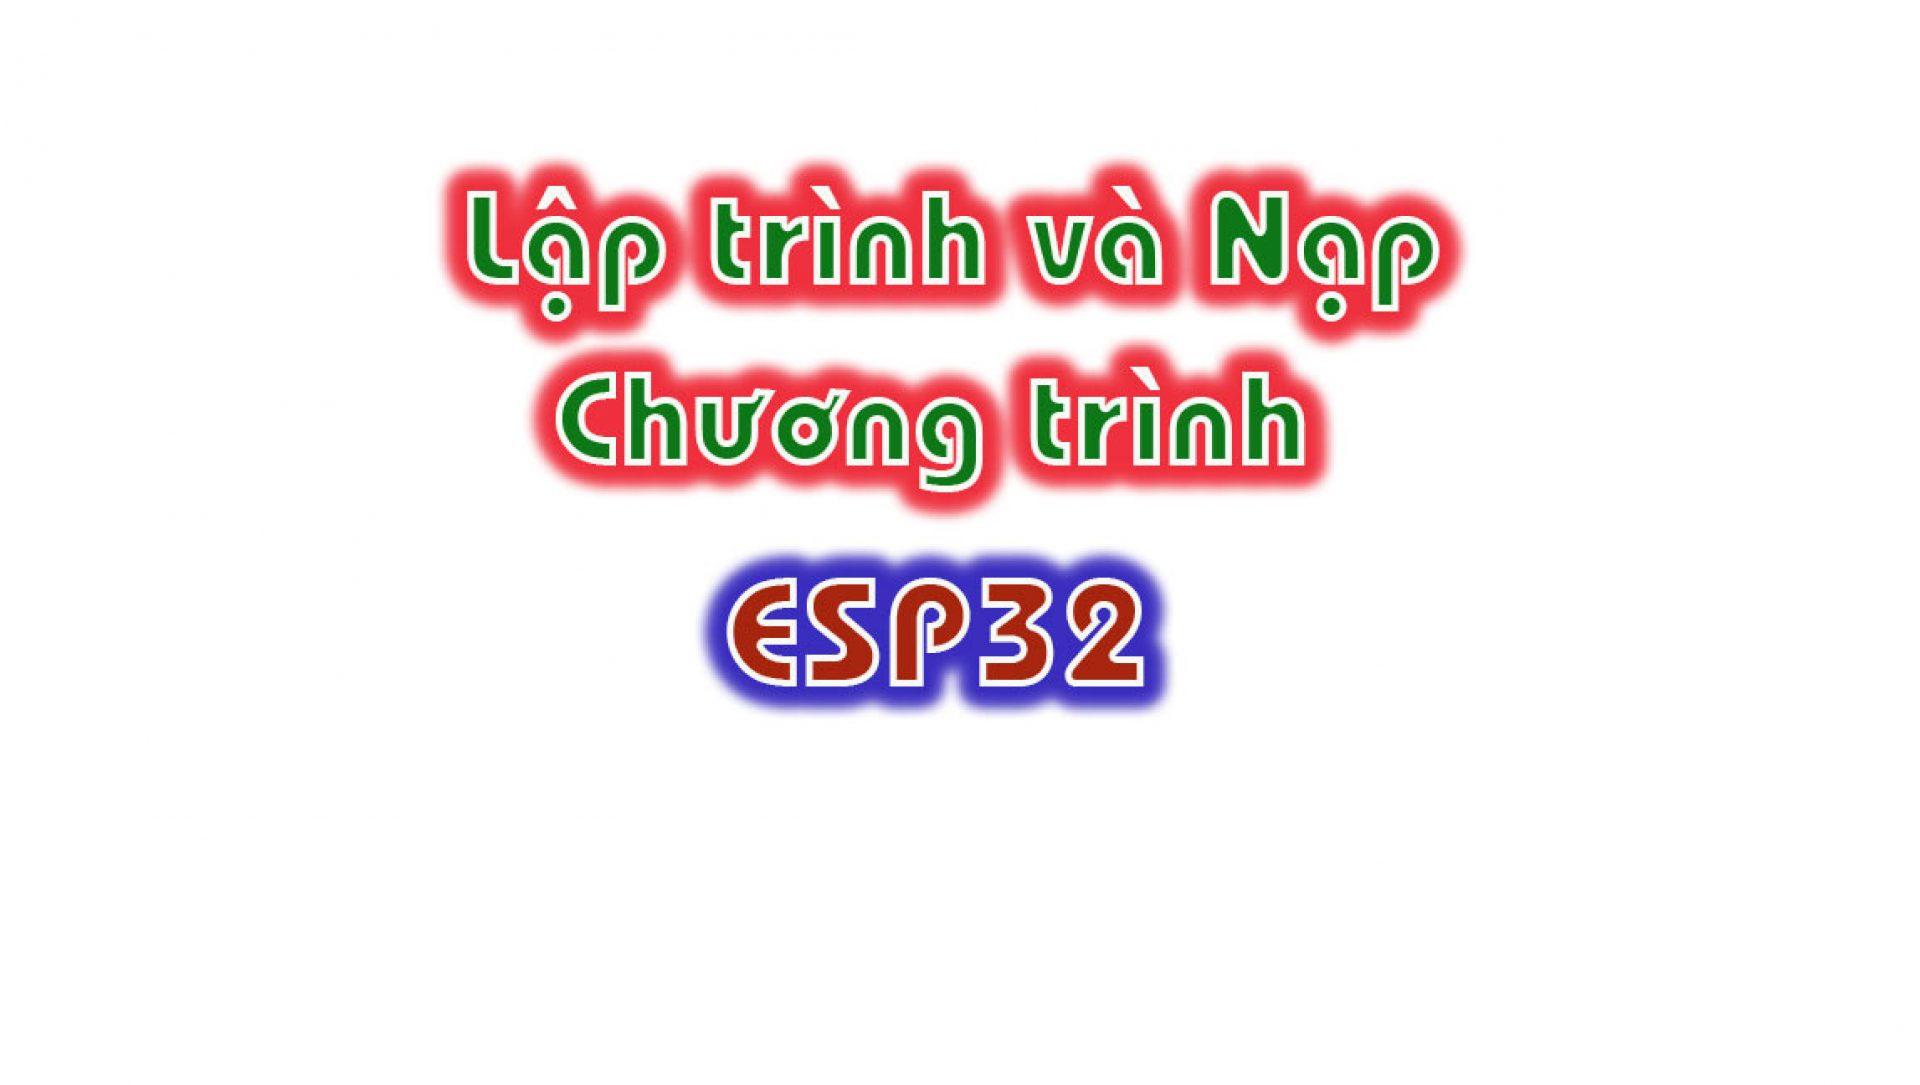 huong-dan-lap-trinh-va-nap-chuong-trinh-esp32